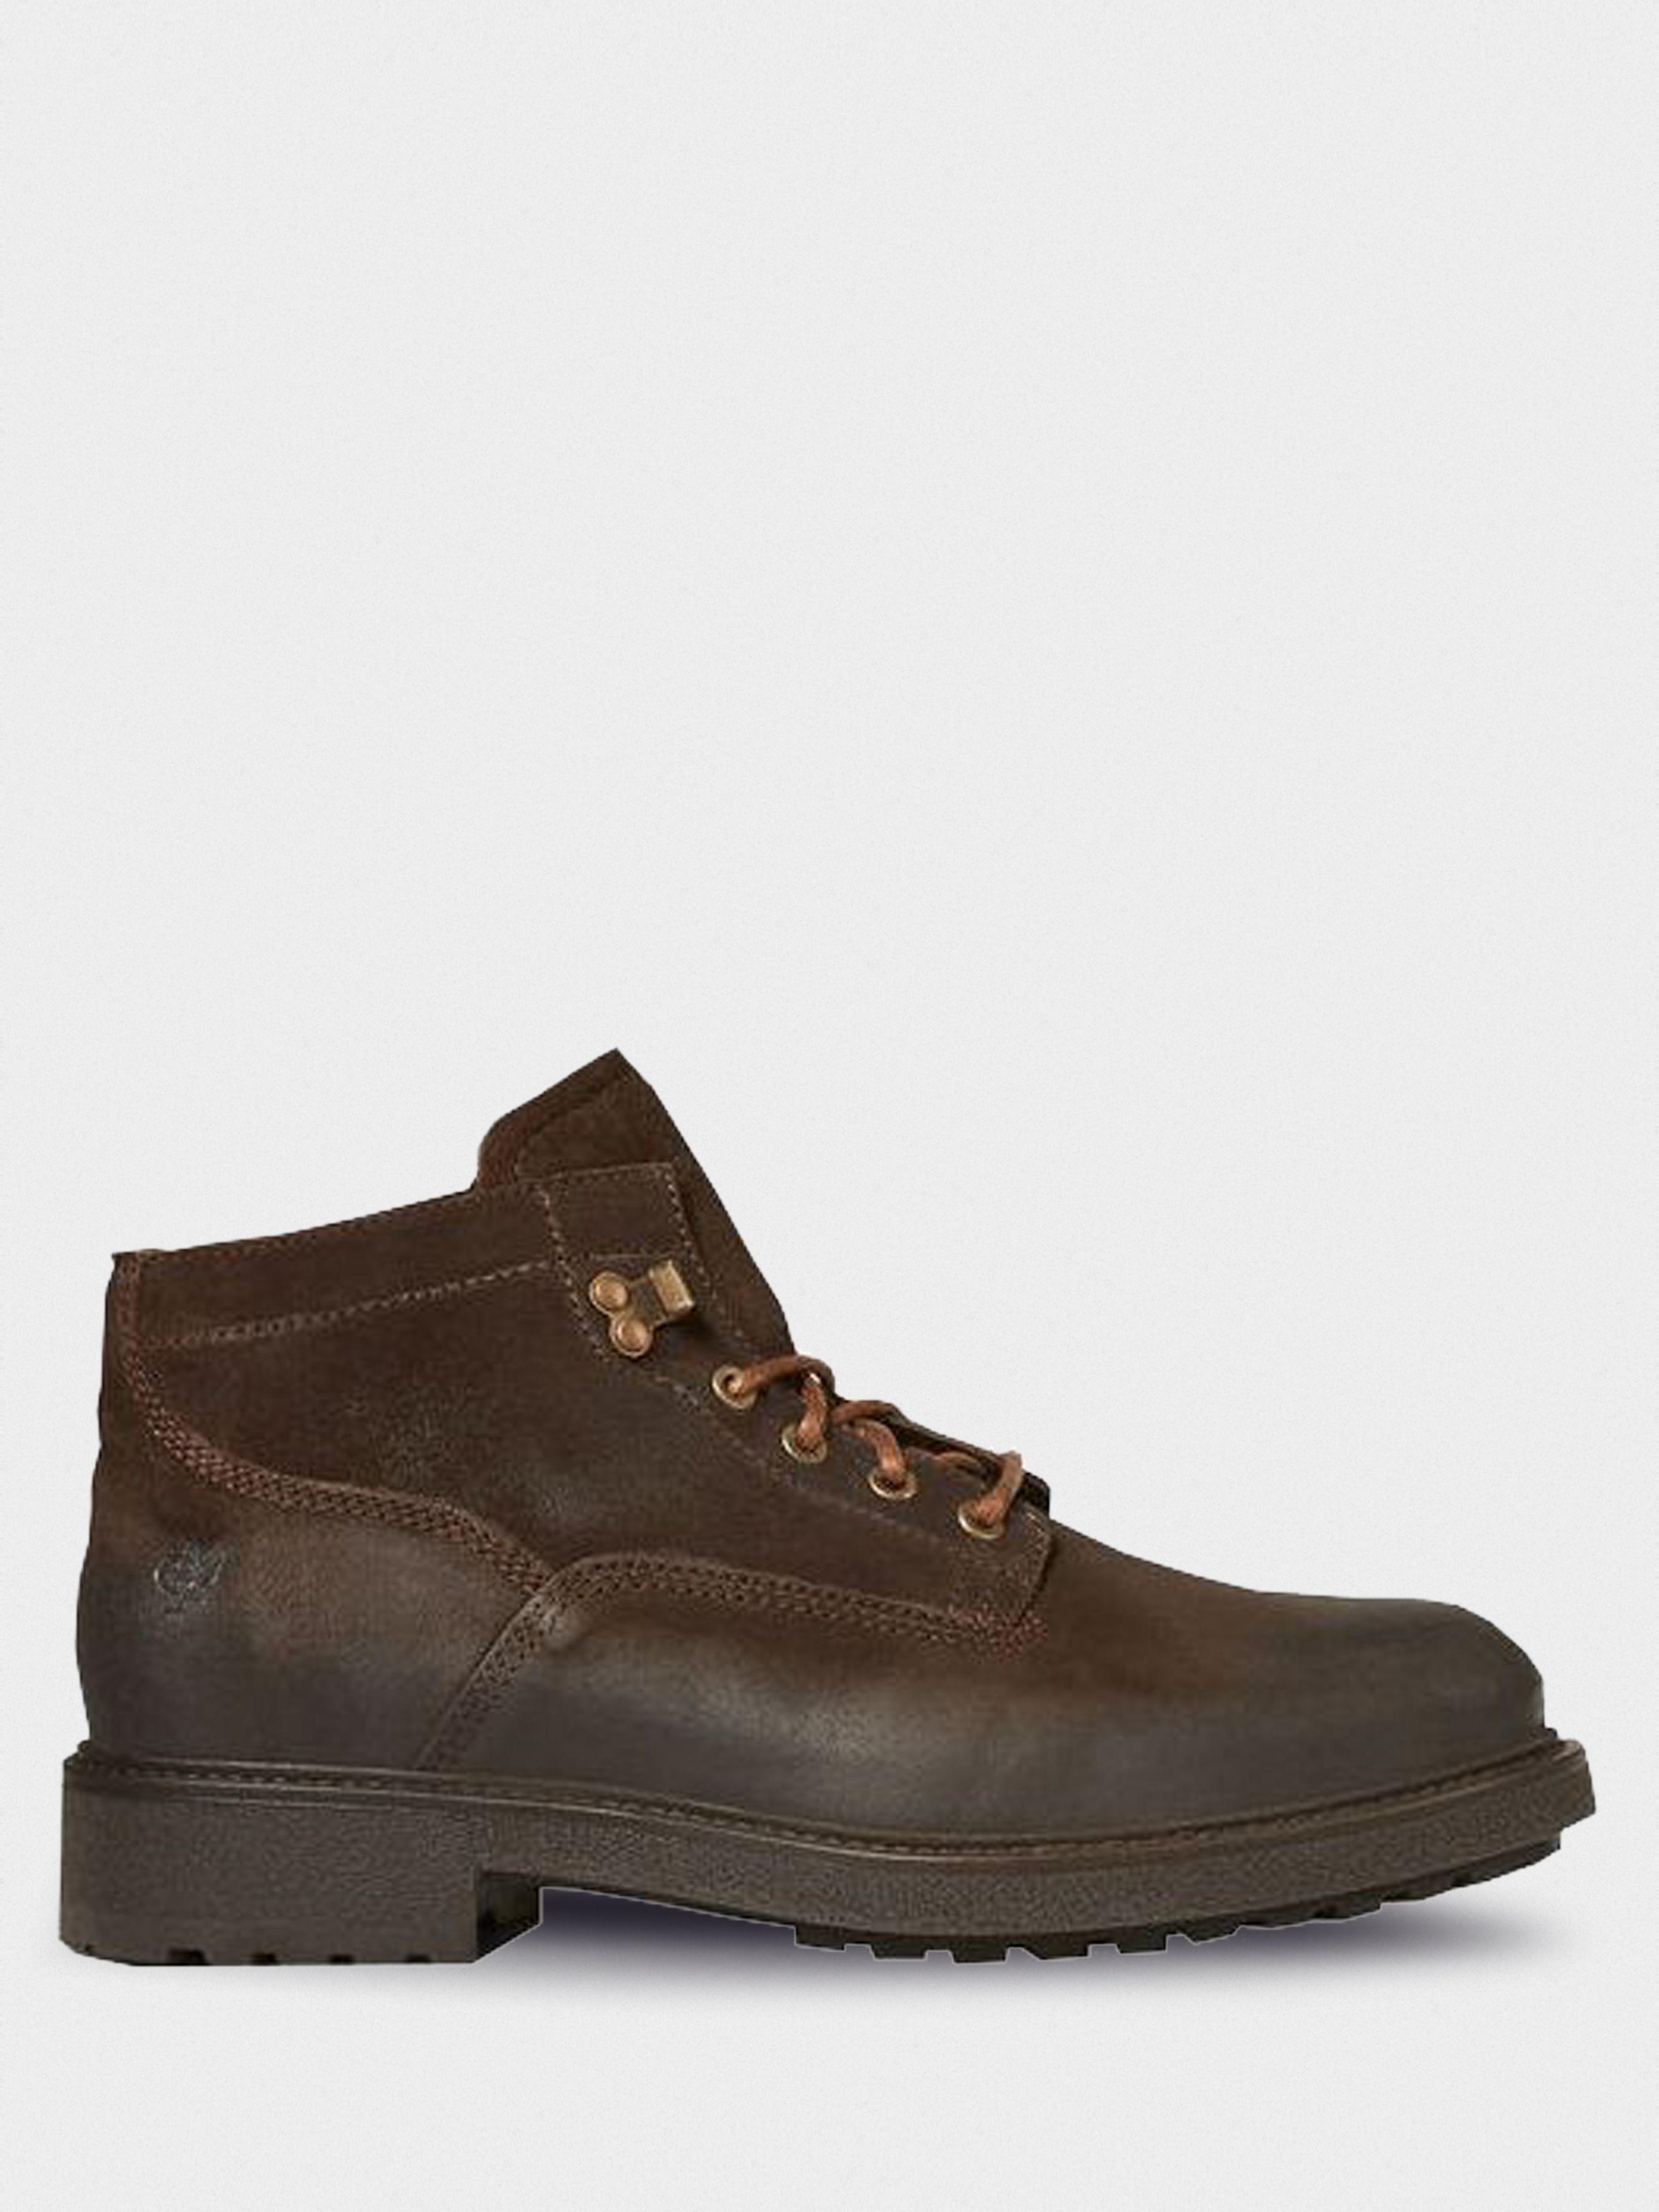 Купить Ботинки мужские MARC O'POLO PO357, Коричневый